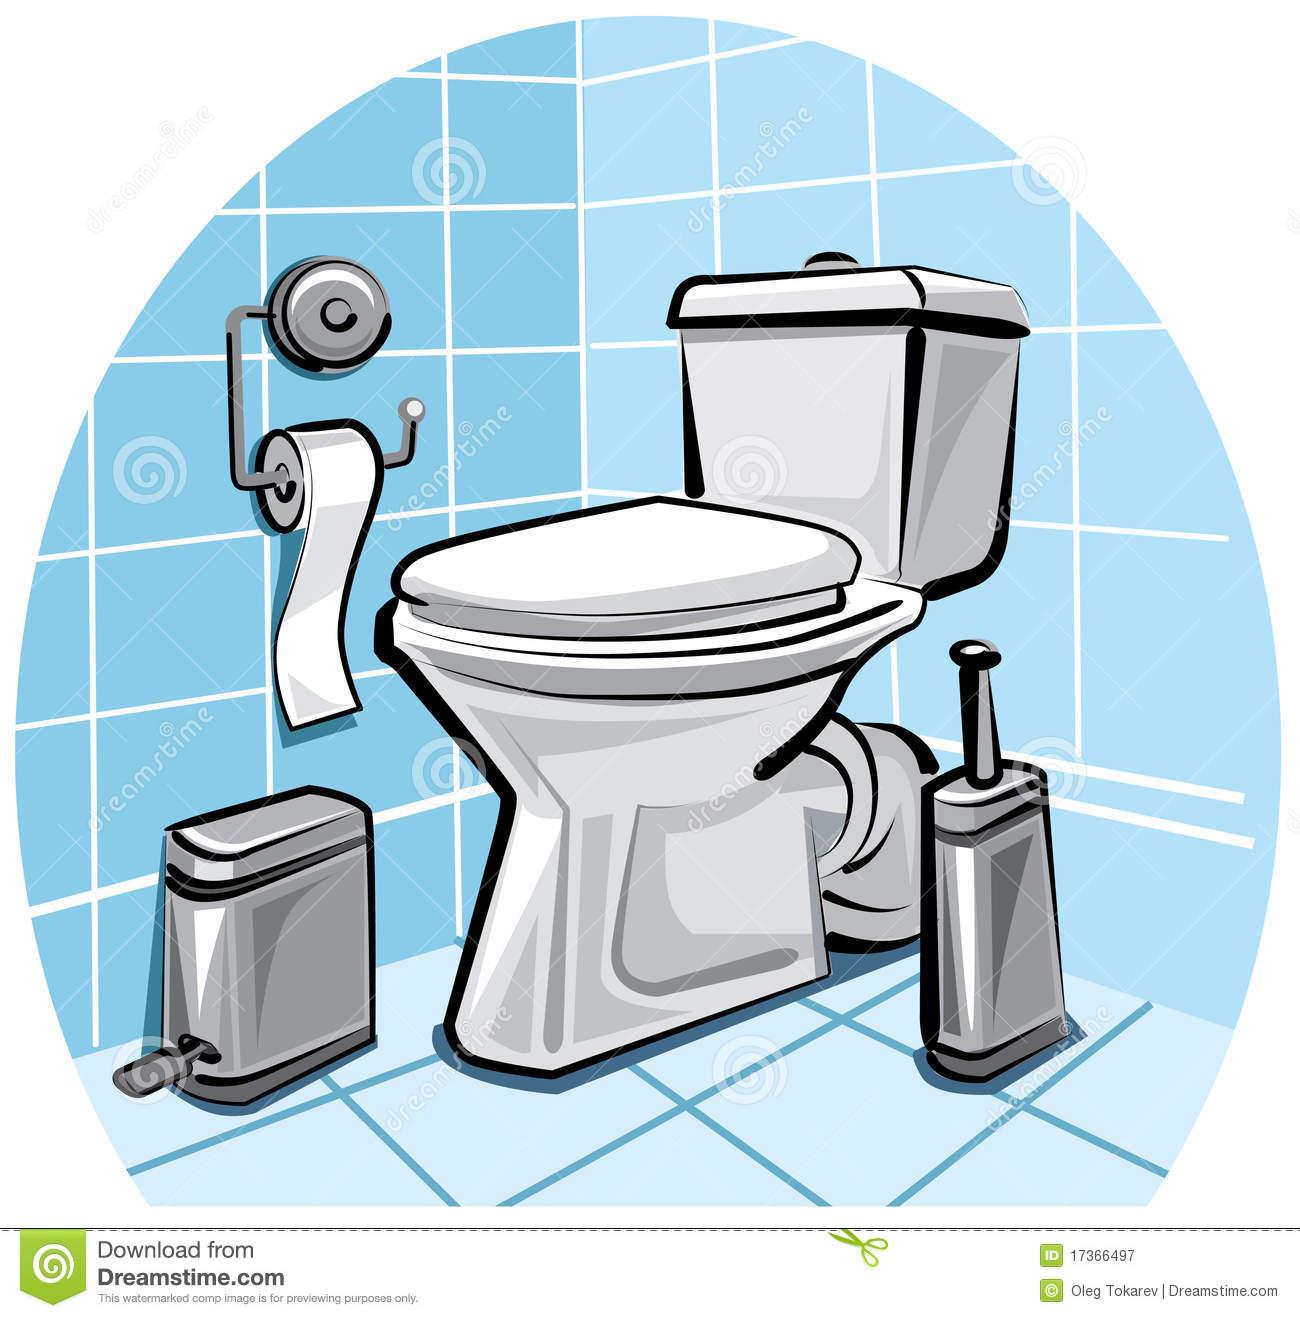 Bathtub clipart tina. Clip art ideas clean